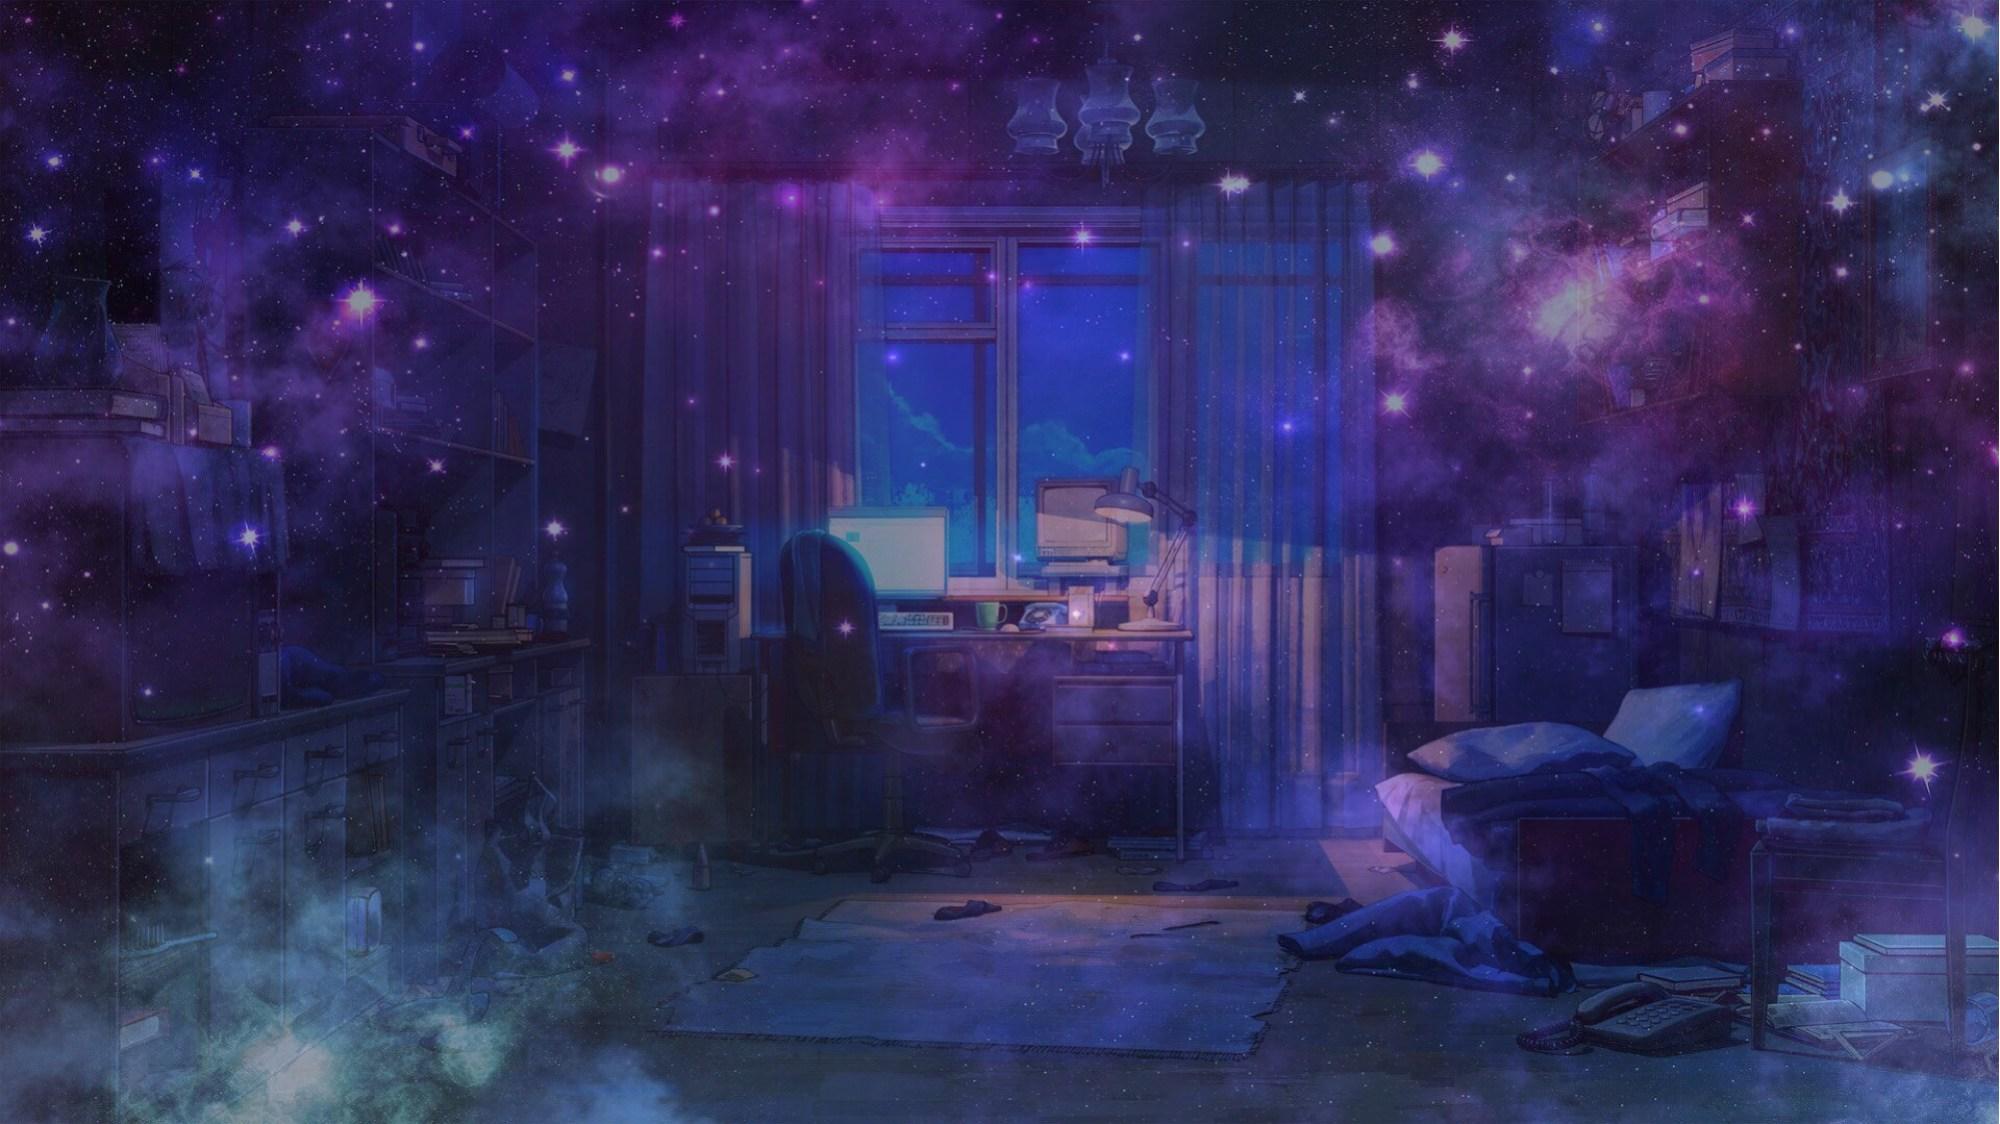 Фото аниме комната вечером